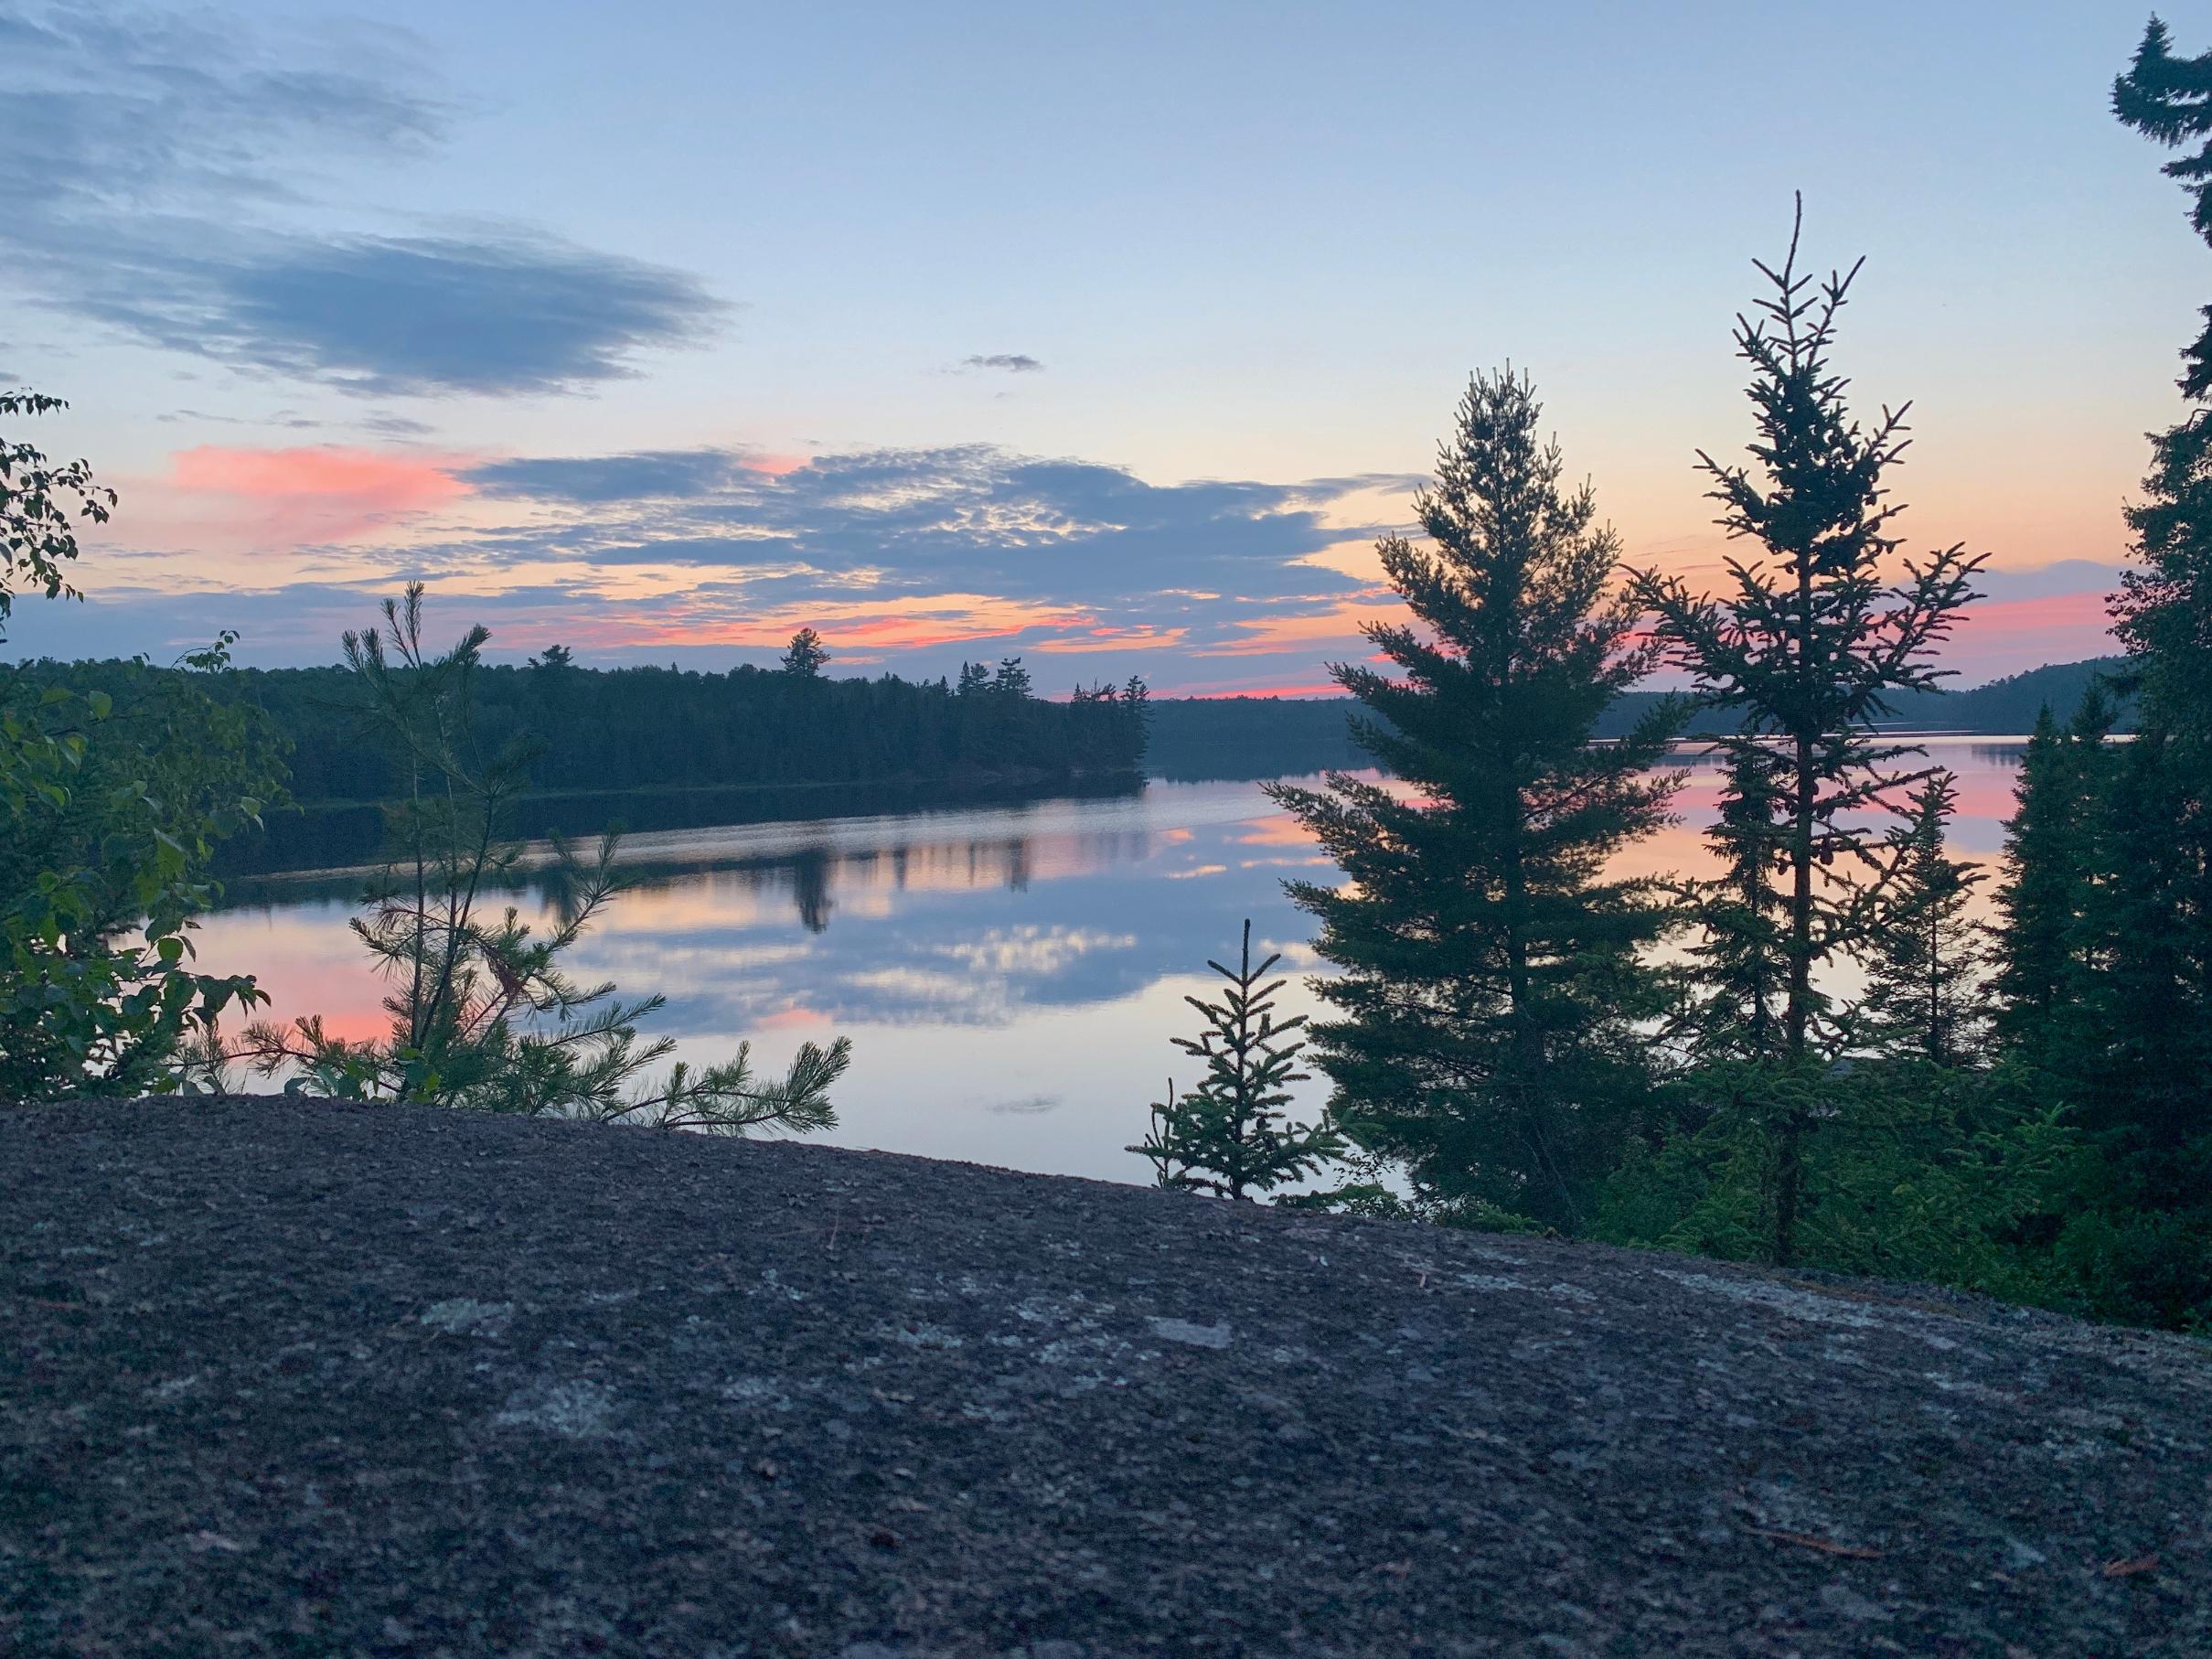 Shell Lake Overlook